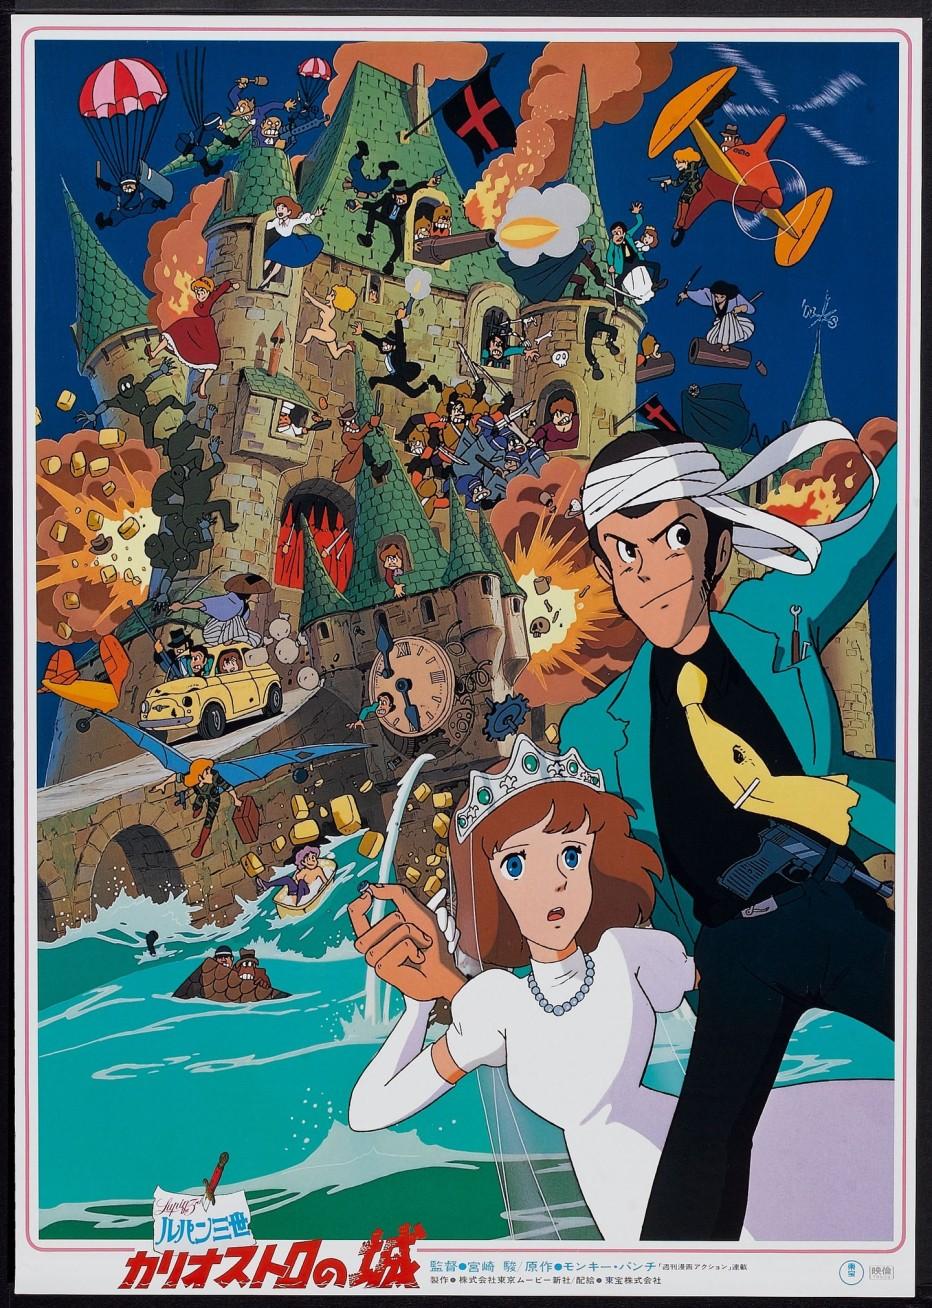 il-castello-di-cagliostro-1979-hayao-miyazaki-32.jpg